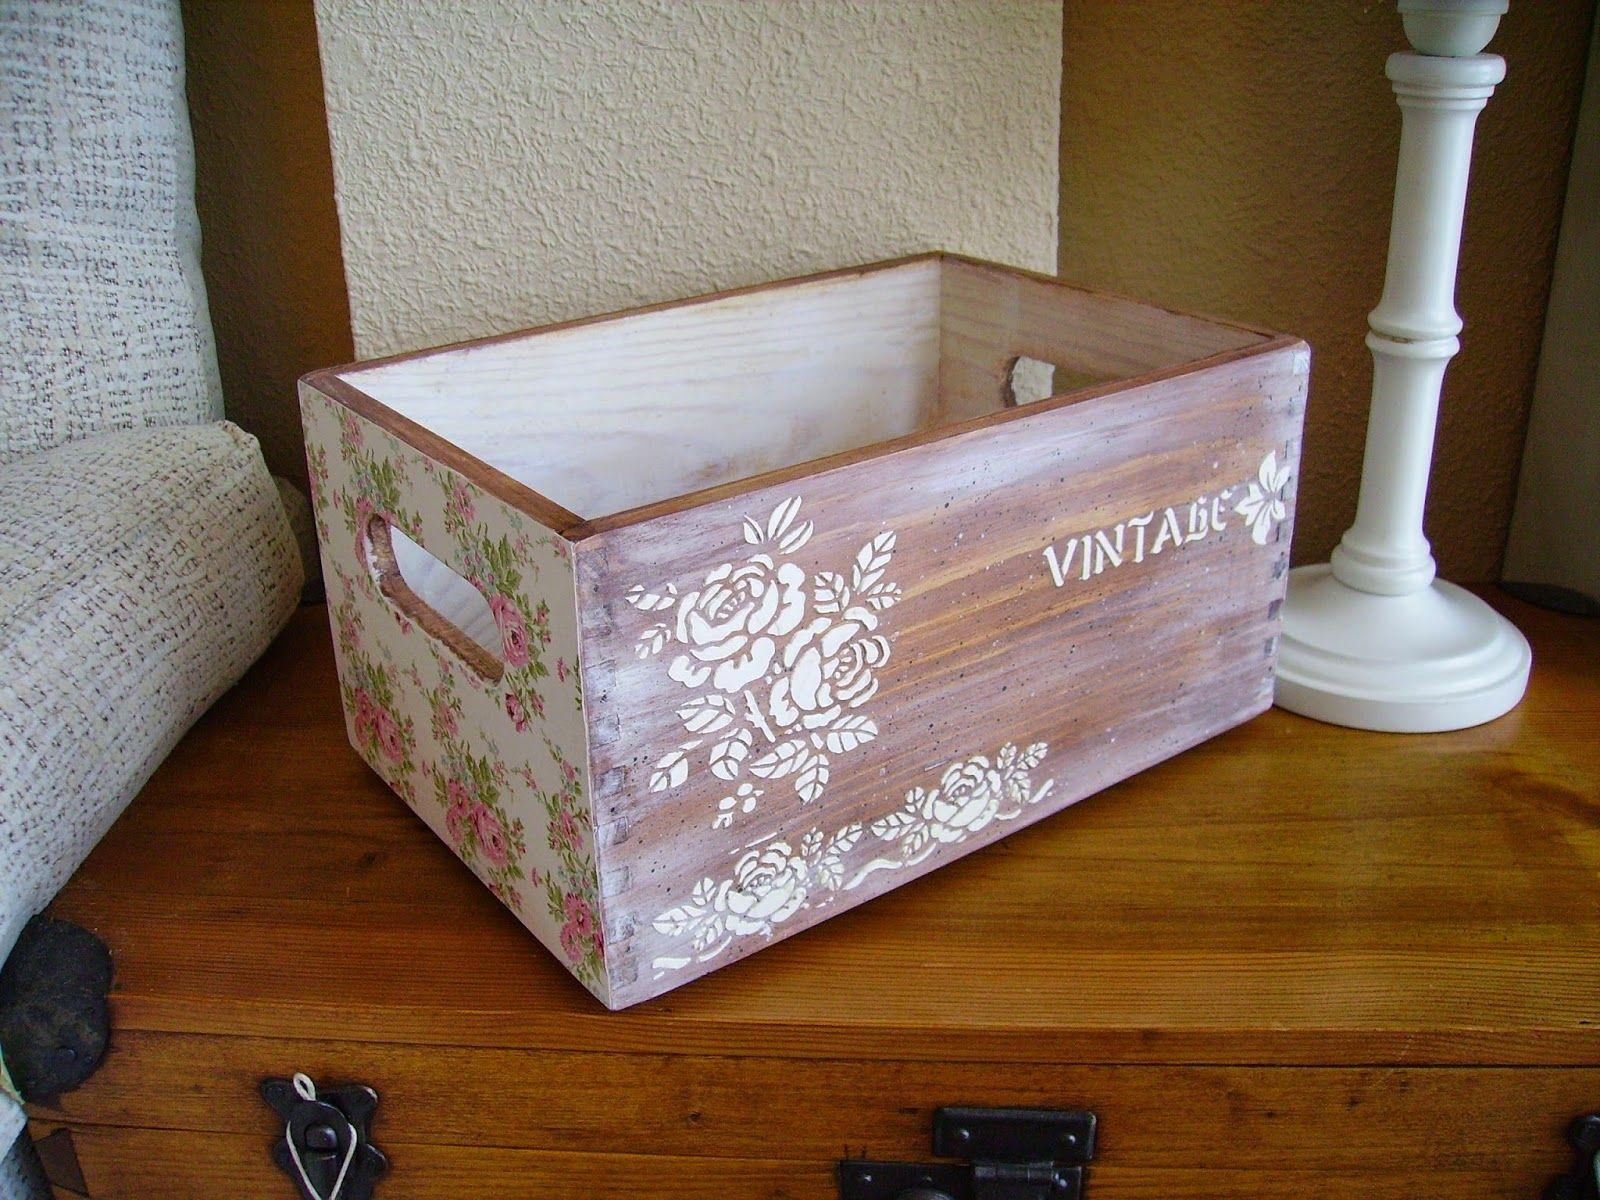 Retazos de madera cajas vintage manualidades caja de - Decorar cajas de madera manualidades ...